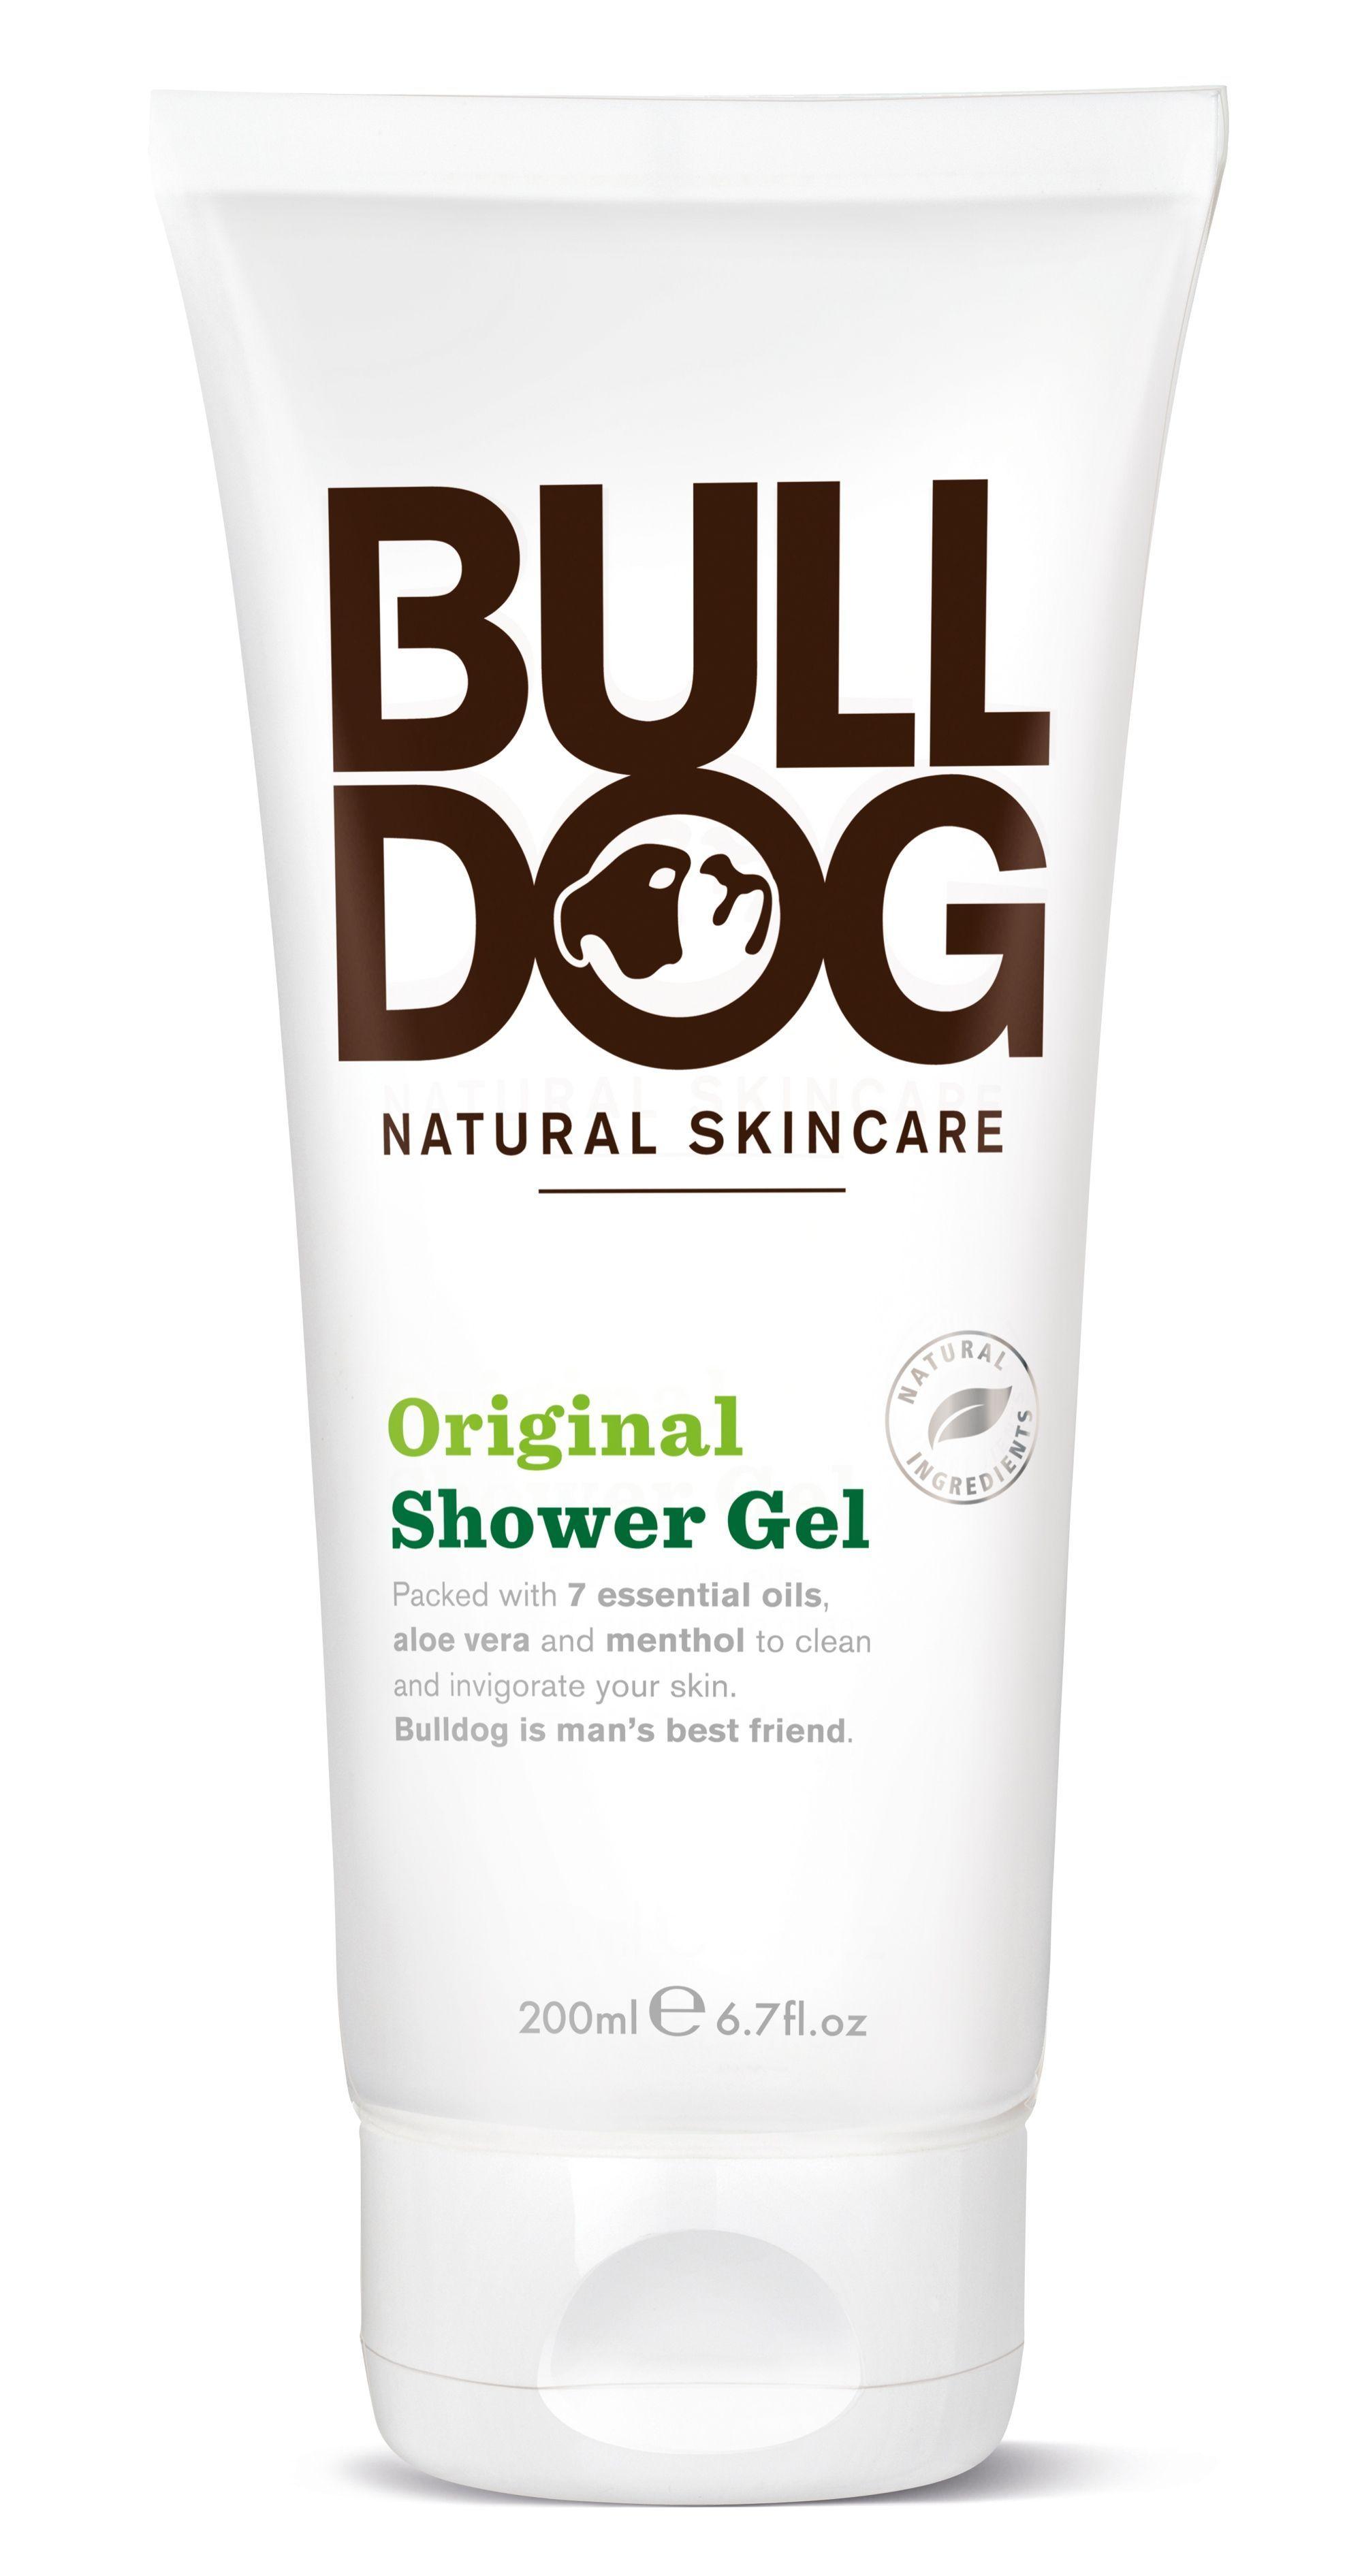 bulldog skincare for men: great reviews coming in for bulldog